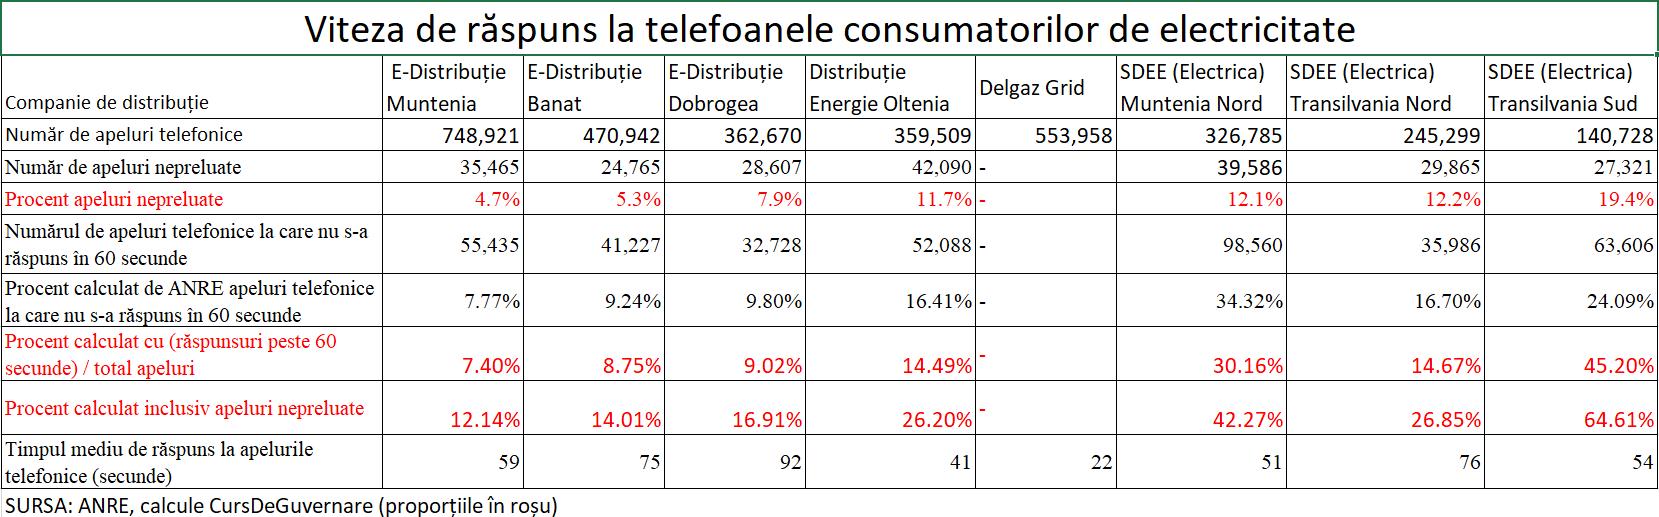 Viteza de răspuns a distribuitorilor de electricitate la telefoanele clienților